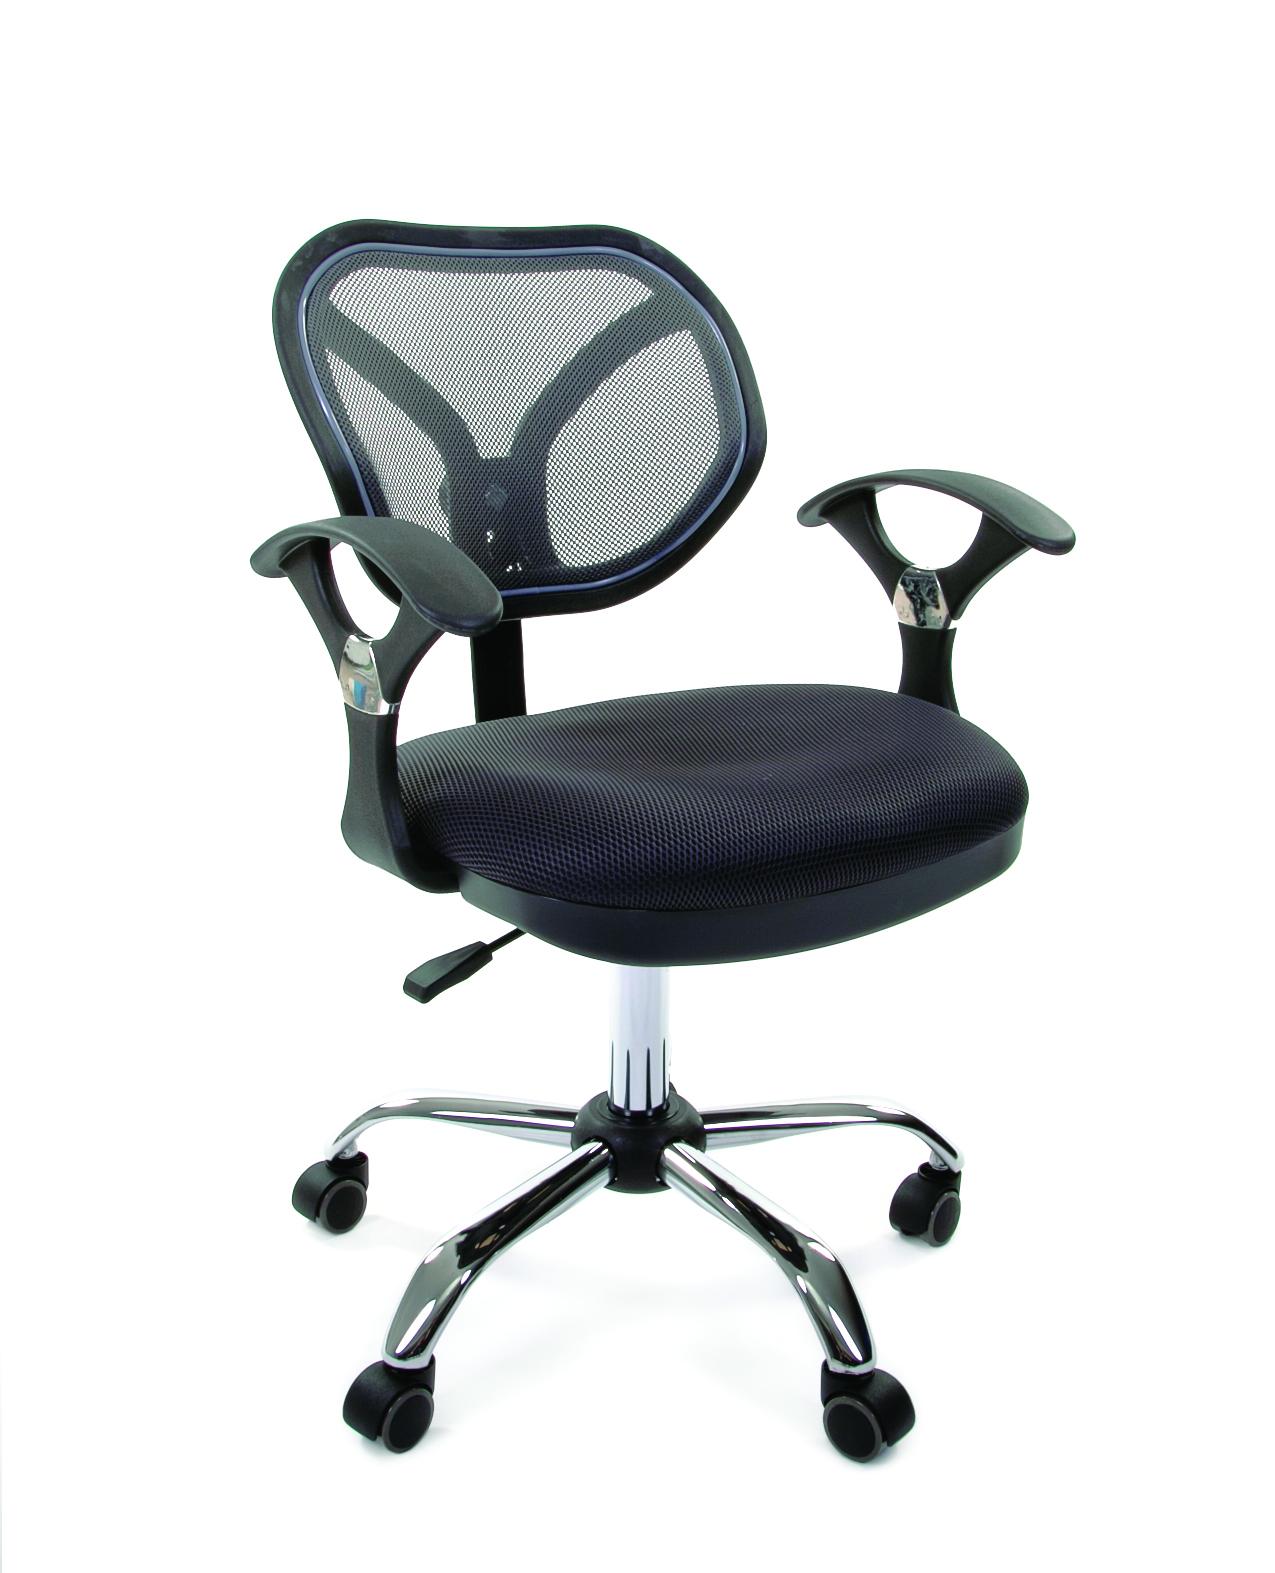 Офисное кресло CHAIRMAN 3807017600Интересное кресло. Компактное - и при этом удобное и комфортное: сетчатая спинка, эргономичные подлокотники... Простое и лаконичное - и в то же время яркое: хромированные элементы и оригинальная, необычная форма спинки. В общем - настоящее операторское кресло нового поколения.